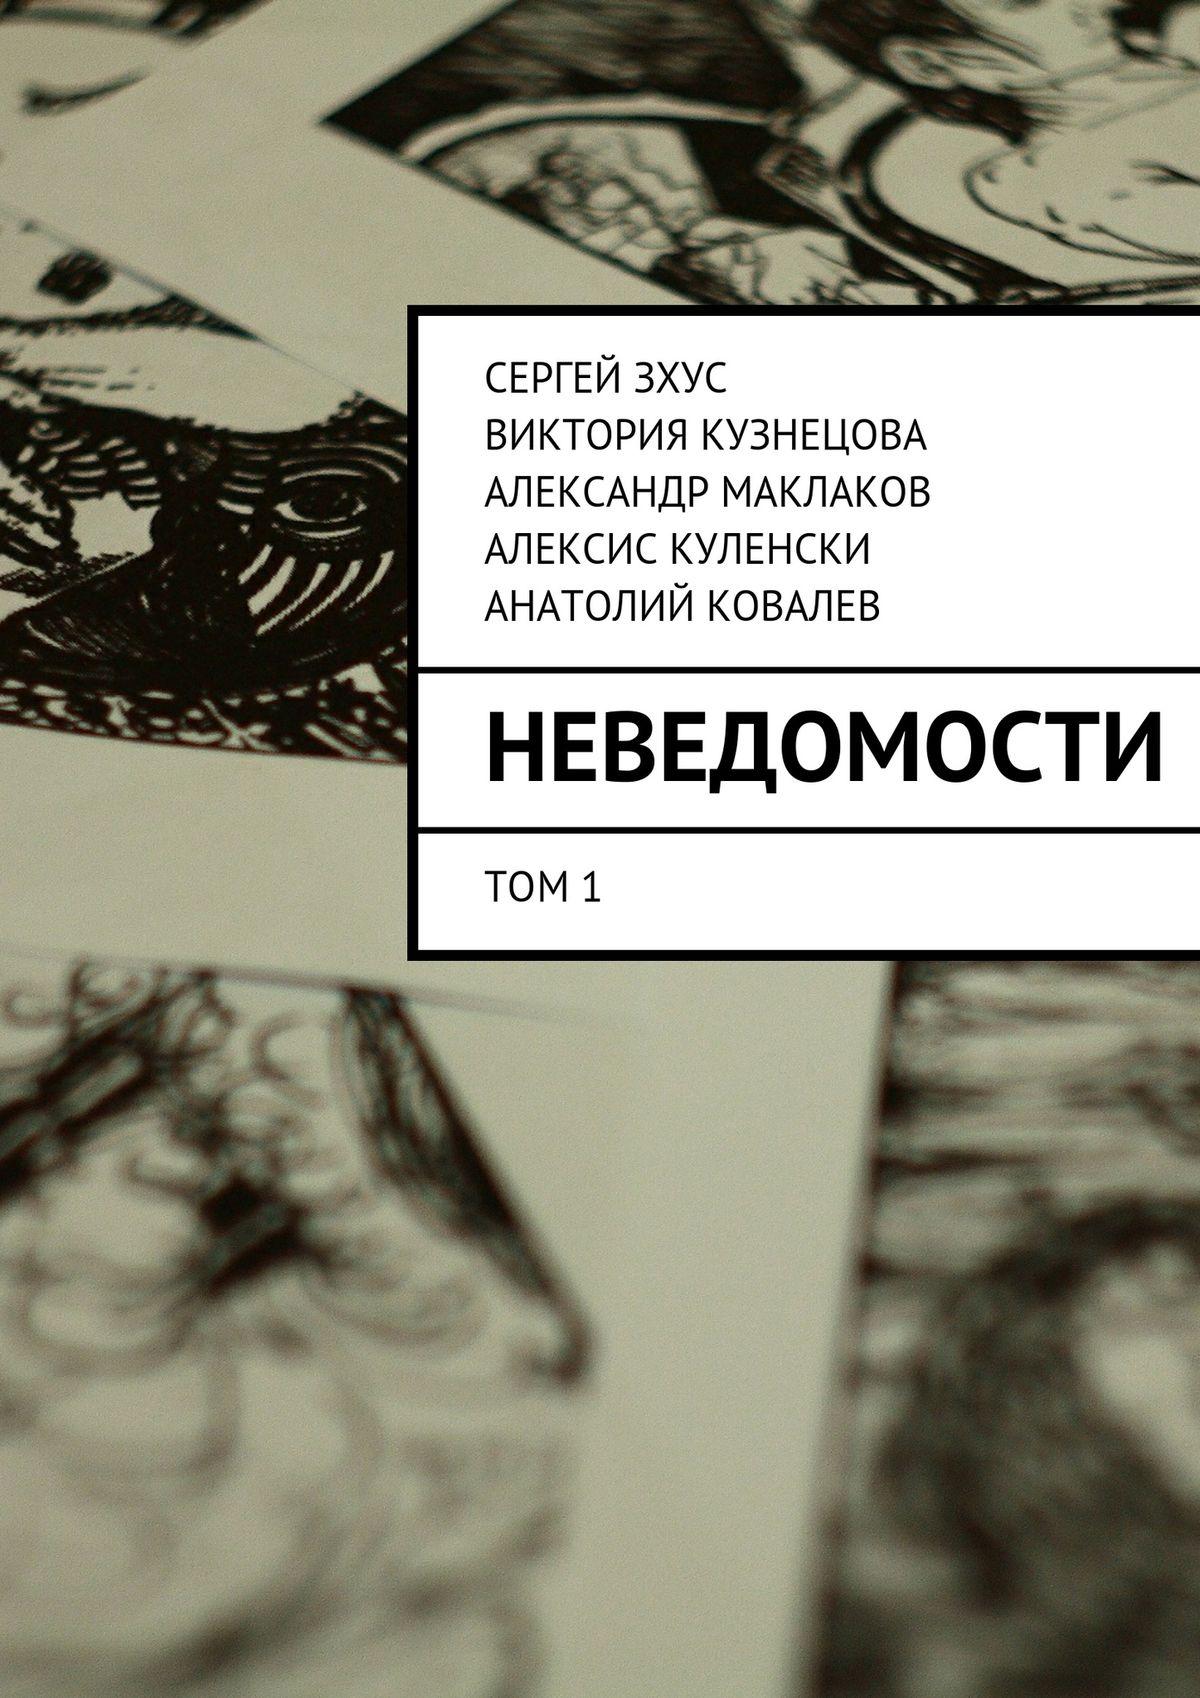 Сергей Зхус неВЕДОМОСТИ. литературный проект сергей новиков соседи записки квартиранта